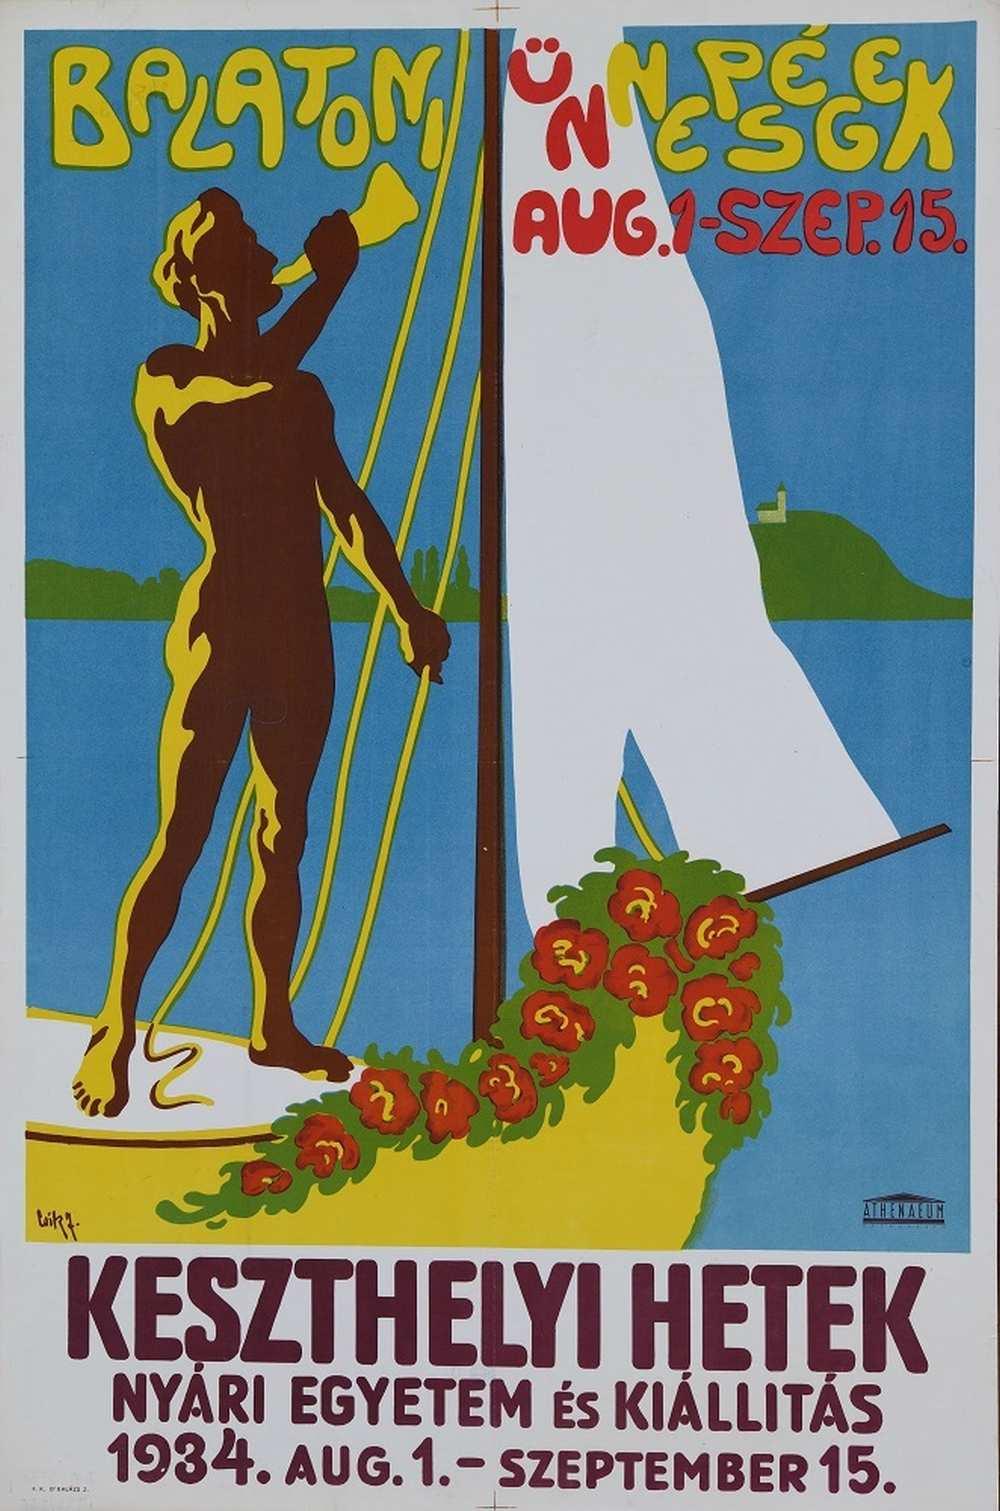 Csík J.: Balatoni ünnepségek… (1934). Jelzet: PKG.1934/245 – Térkép-, Plakát- és Kisnyomtatványtár http://nektar.oszk.hu/hu/manifestation/2800820